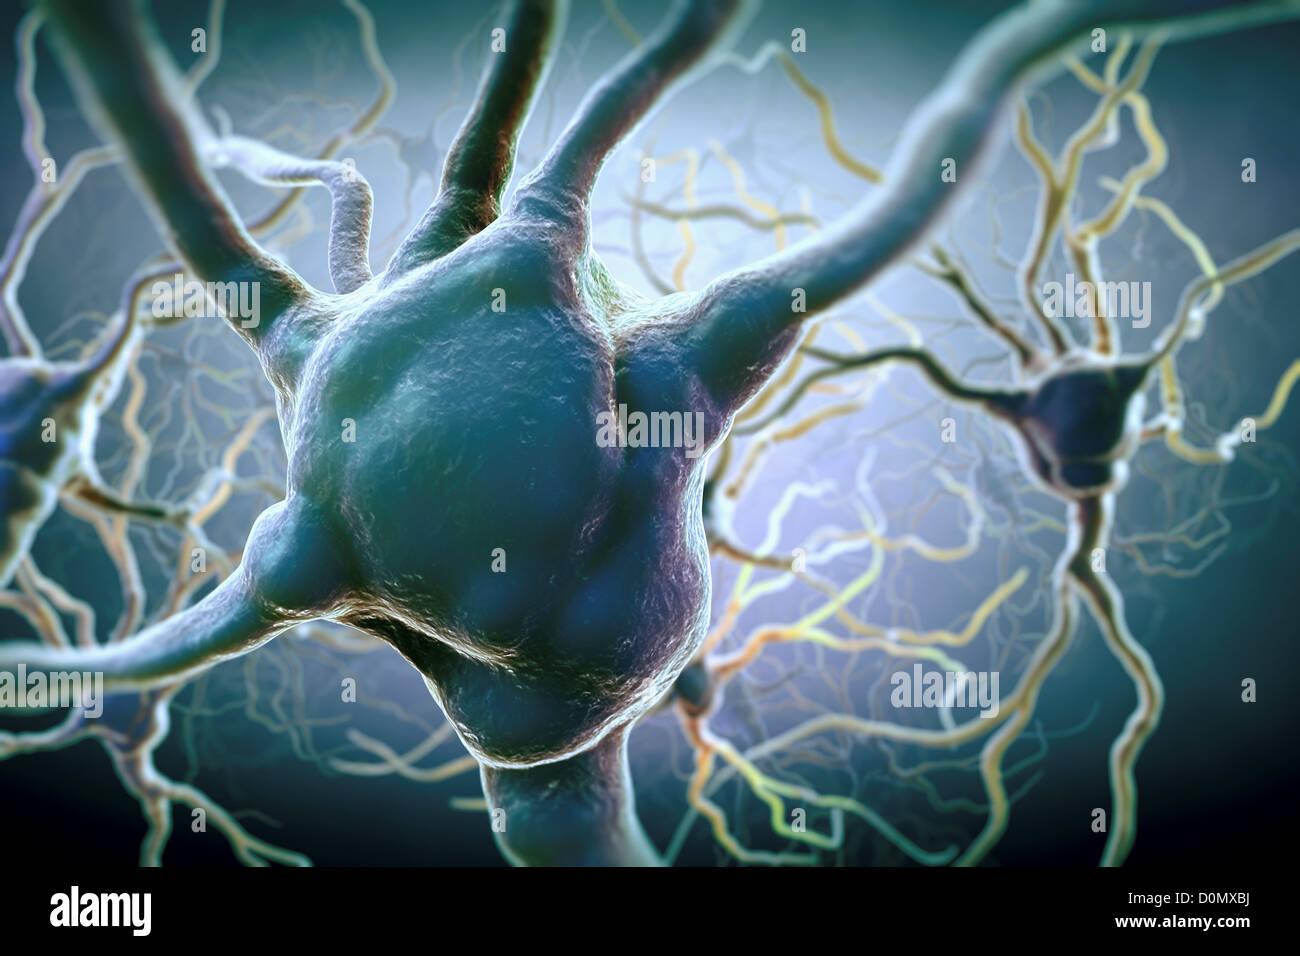 Neuronen und Erweiterungen zu anderen Neuronen verbinden. Stockbild